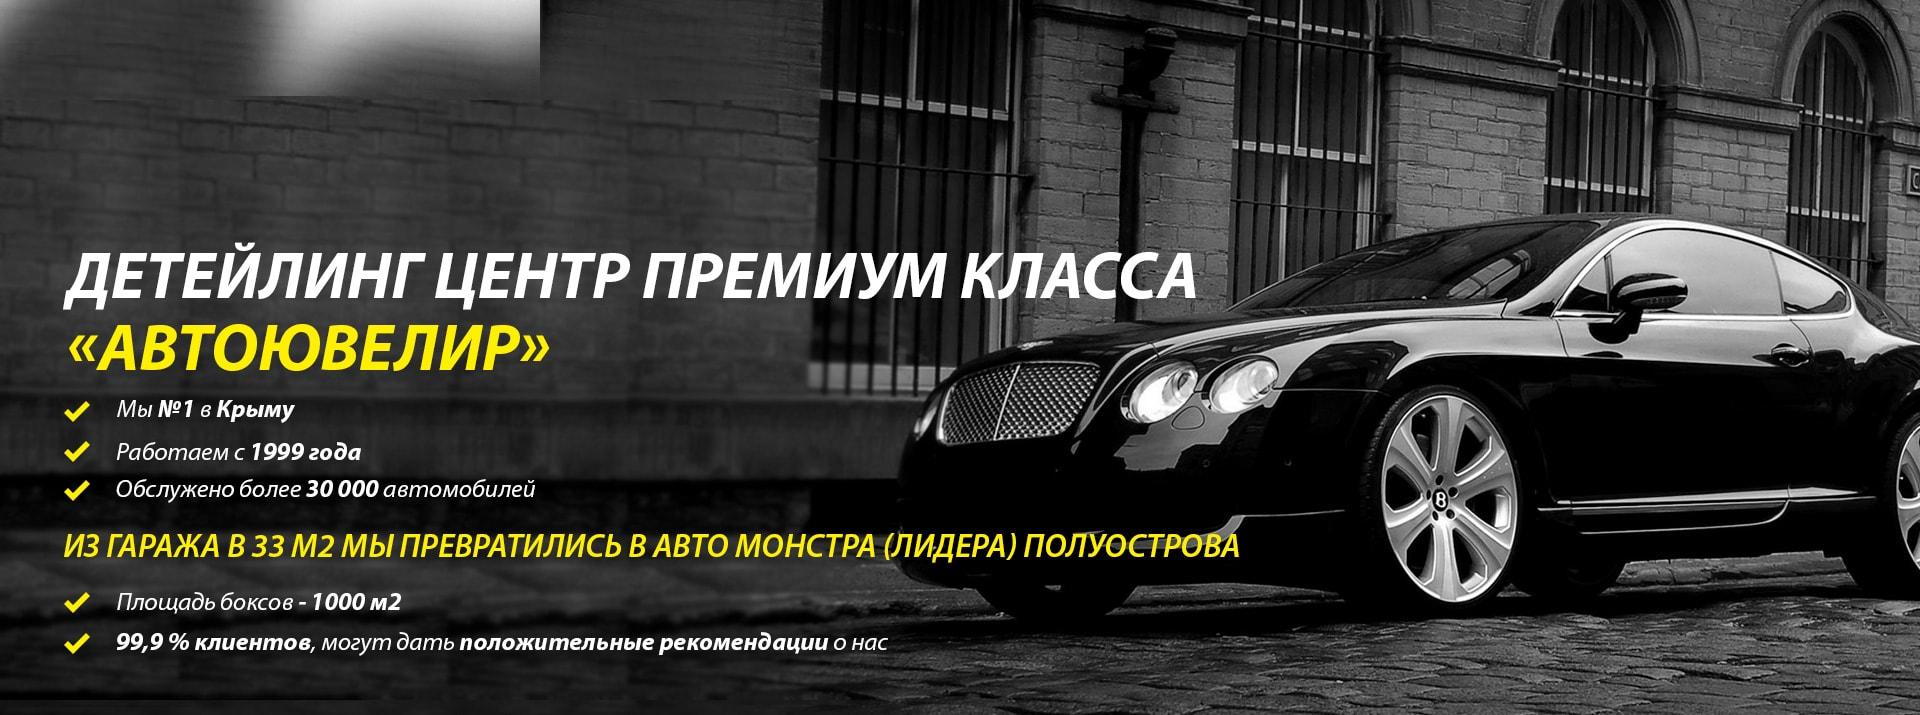 Авто ювелир